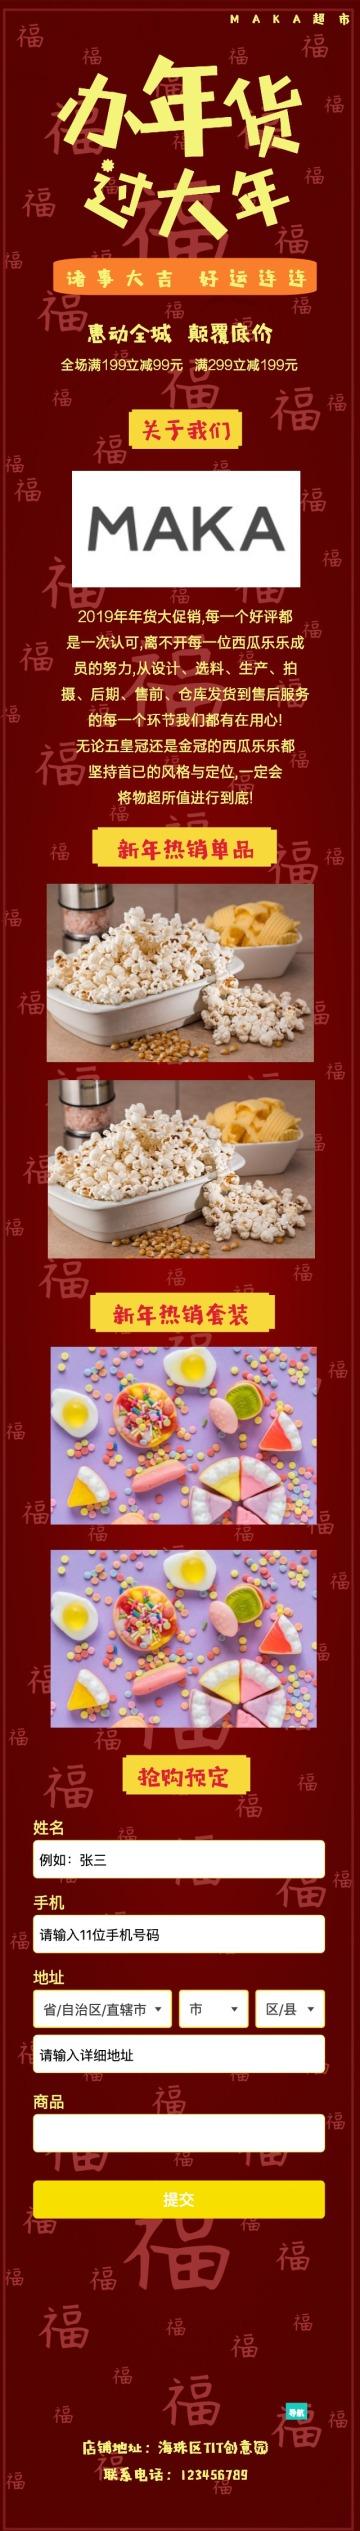 中国风古风红色百货零售春节年货促销推广介绍单页